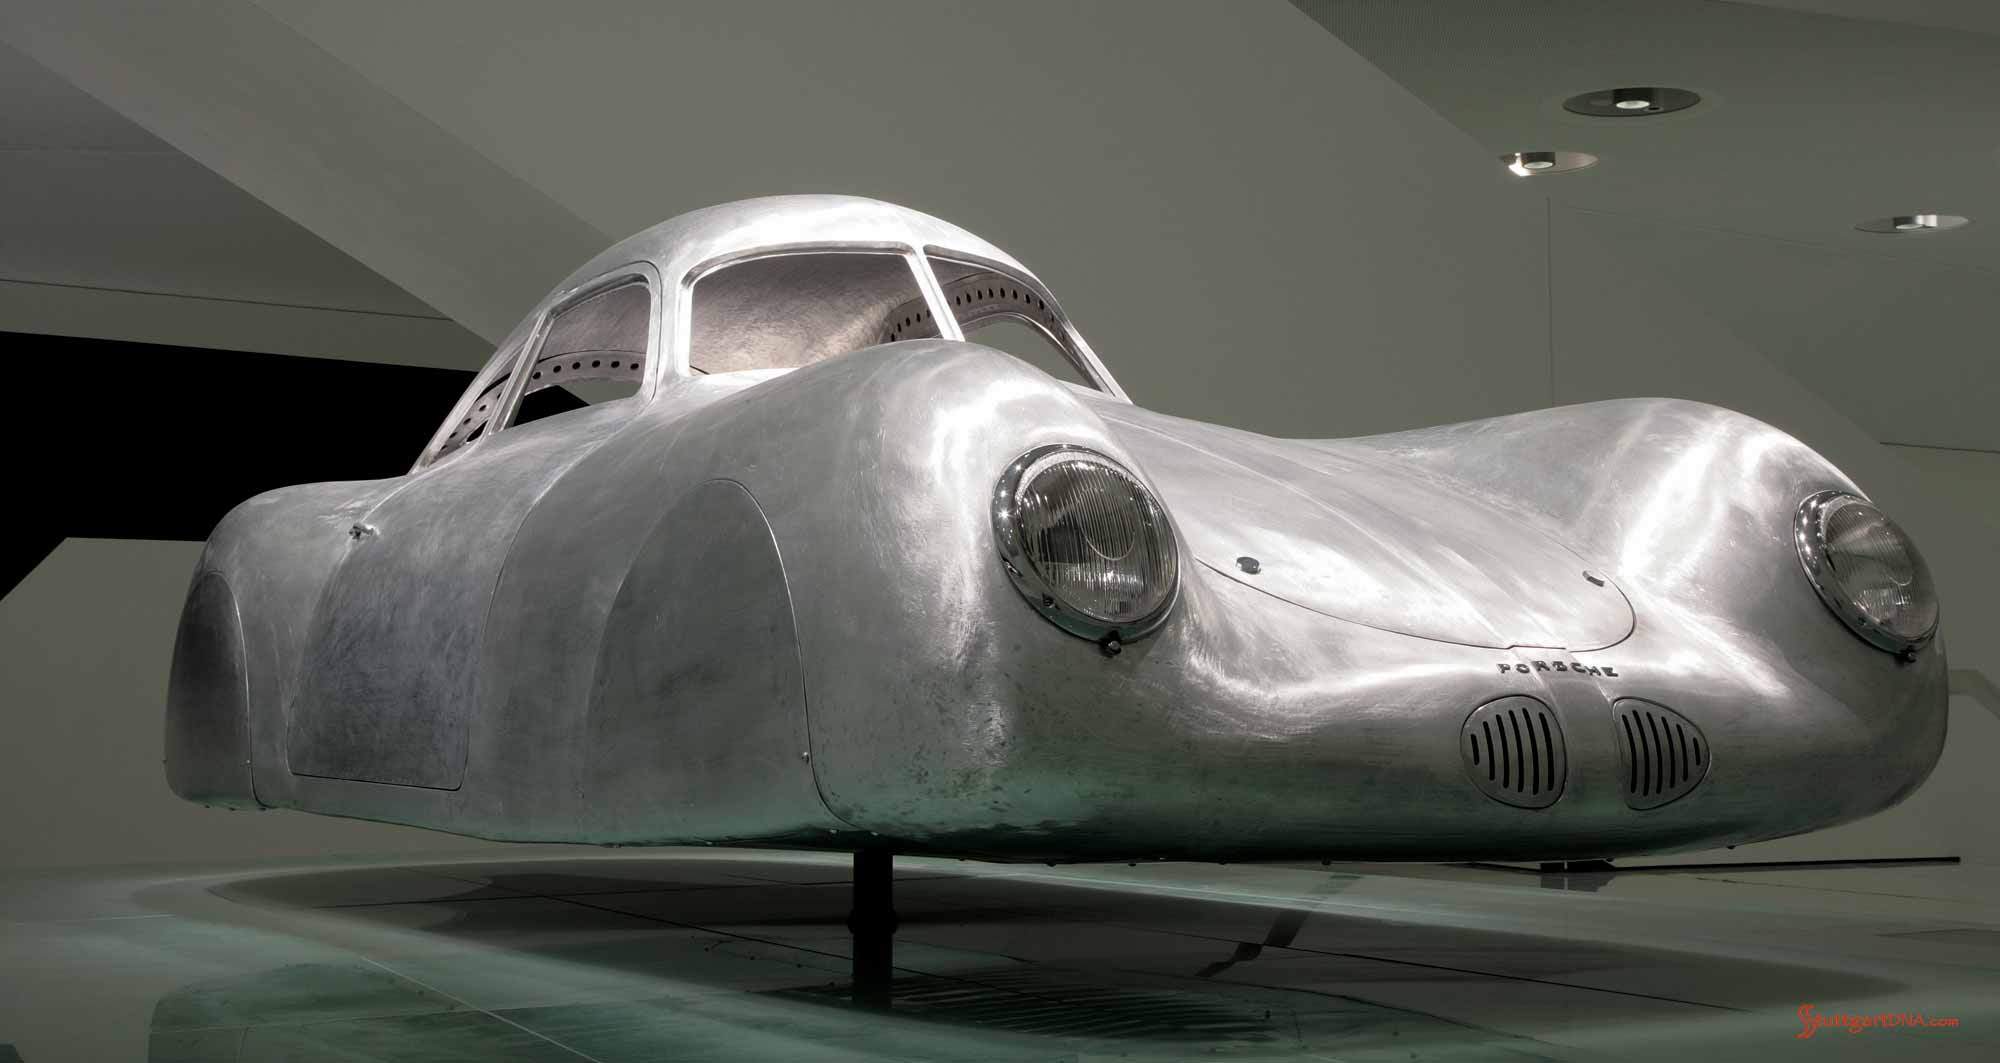 Porsche No 1: 60K10 - Typ 64 - body shell, low-angle, at Porsche Museum Stuttgart. Credit: Porsche AG